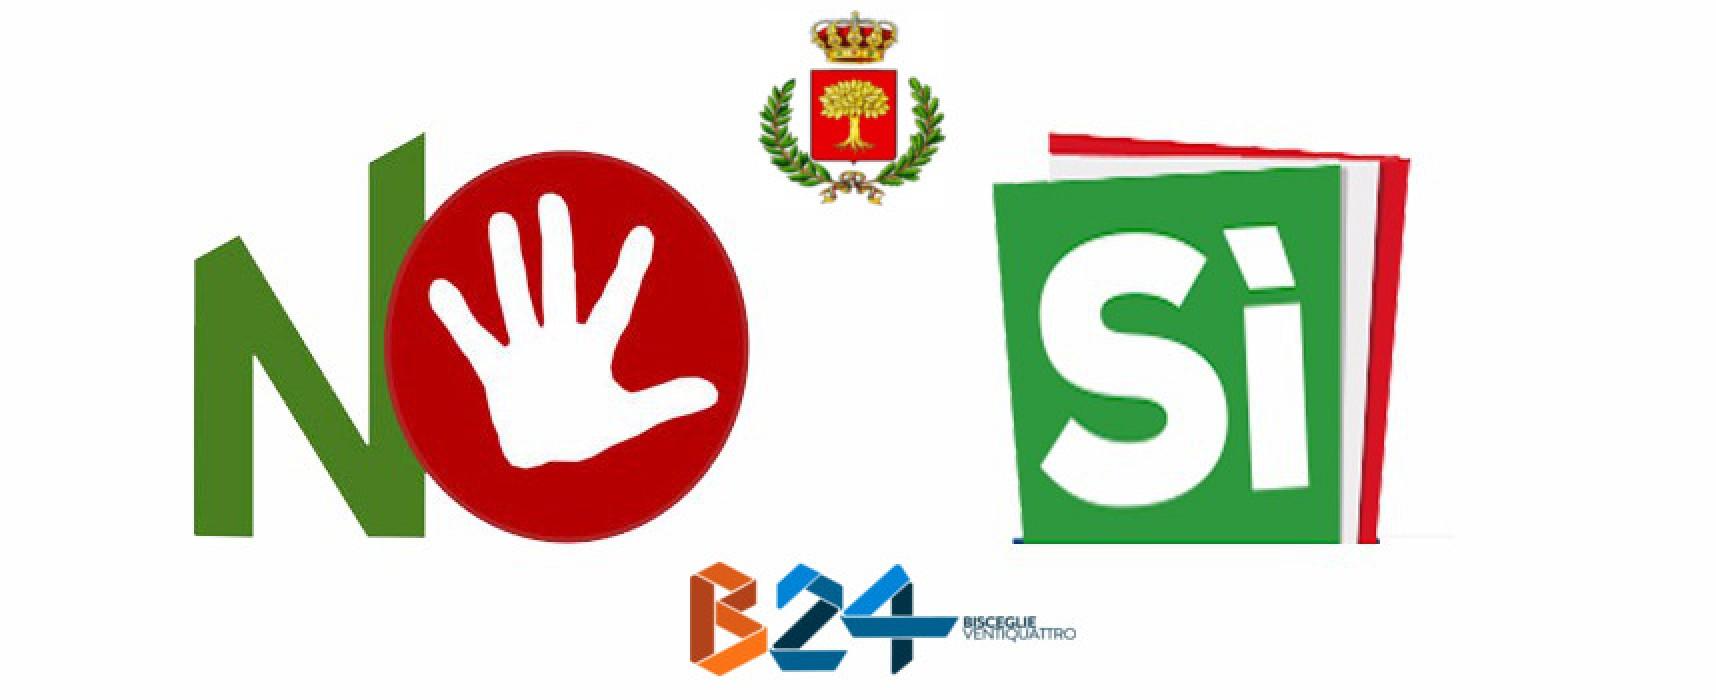 Referendum costituzionale, i dati definitivi della città di Bisceglie